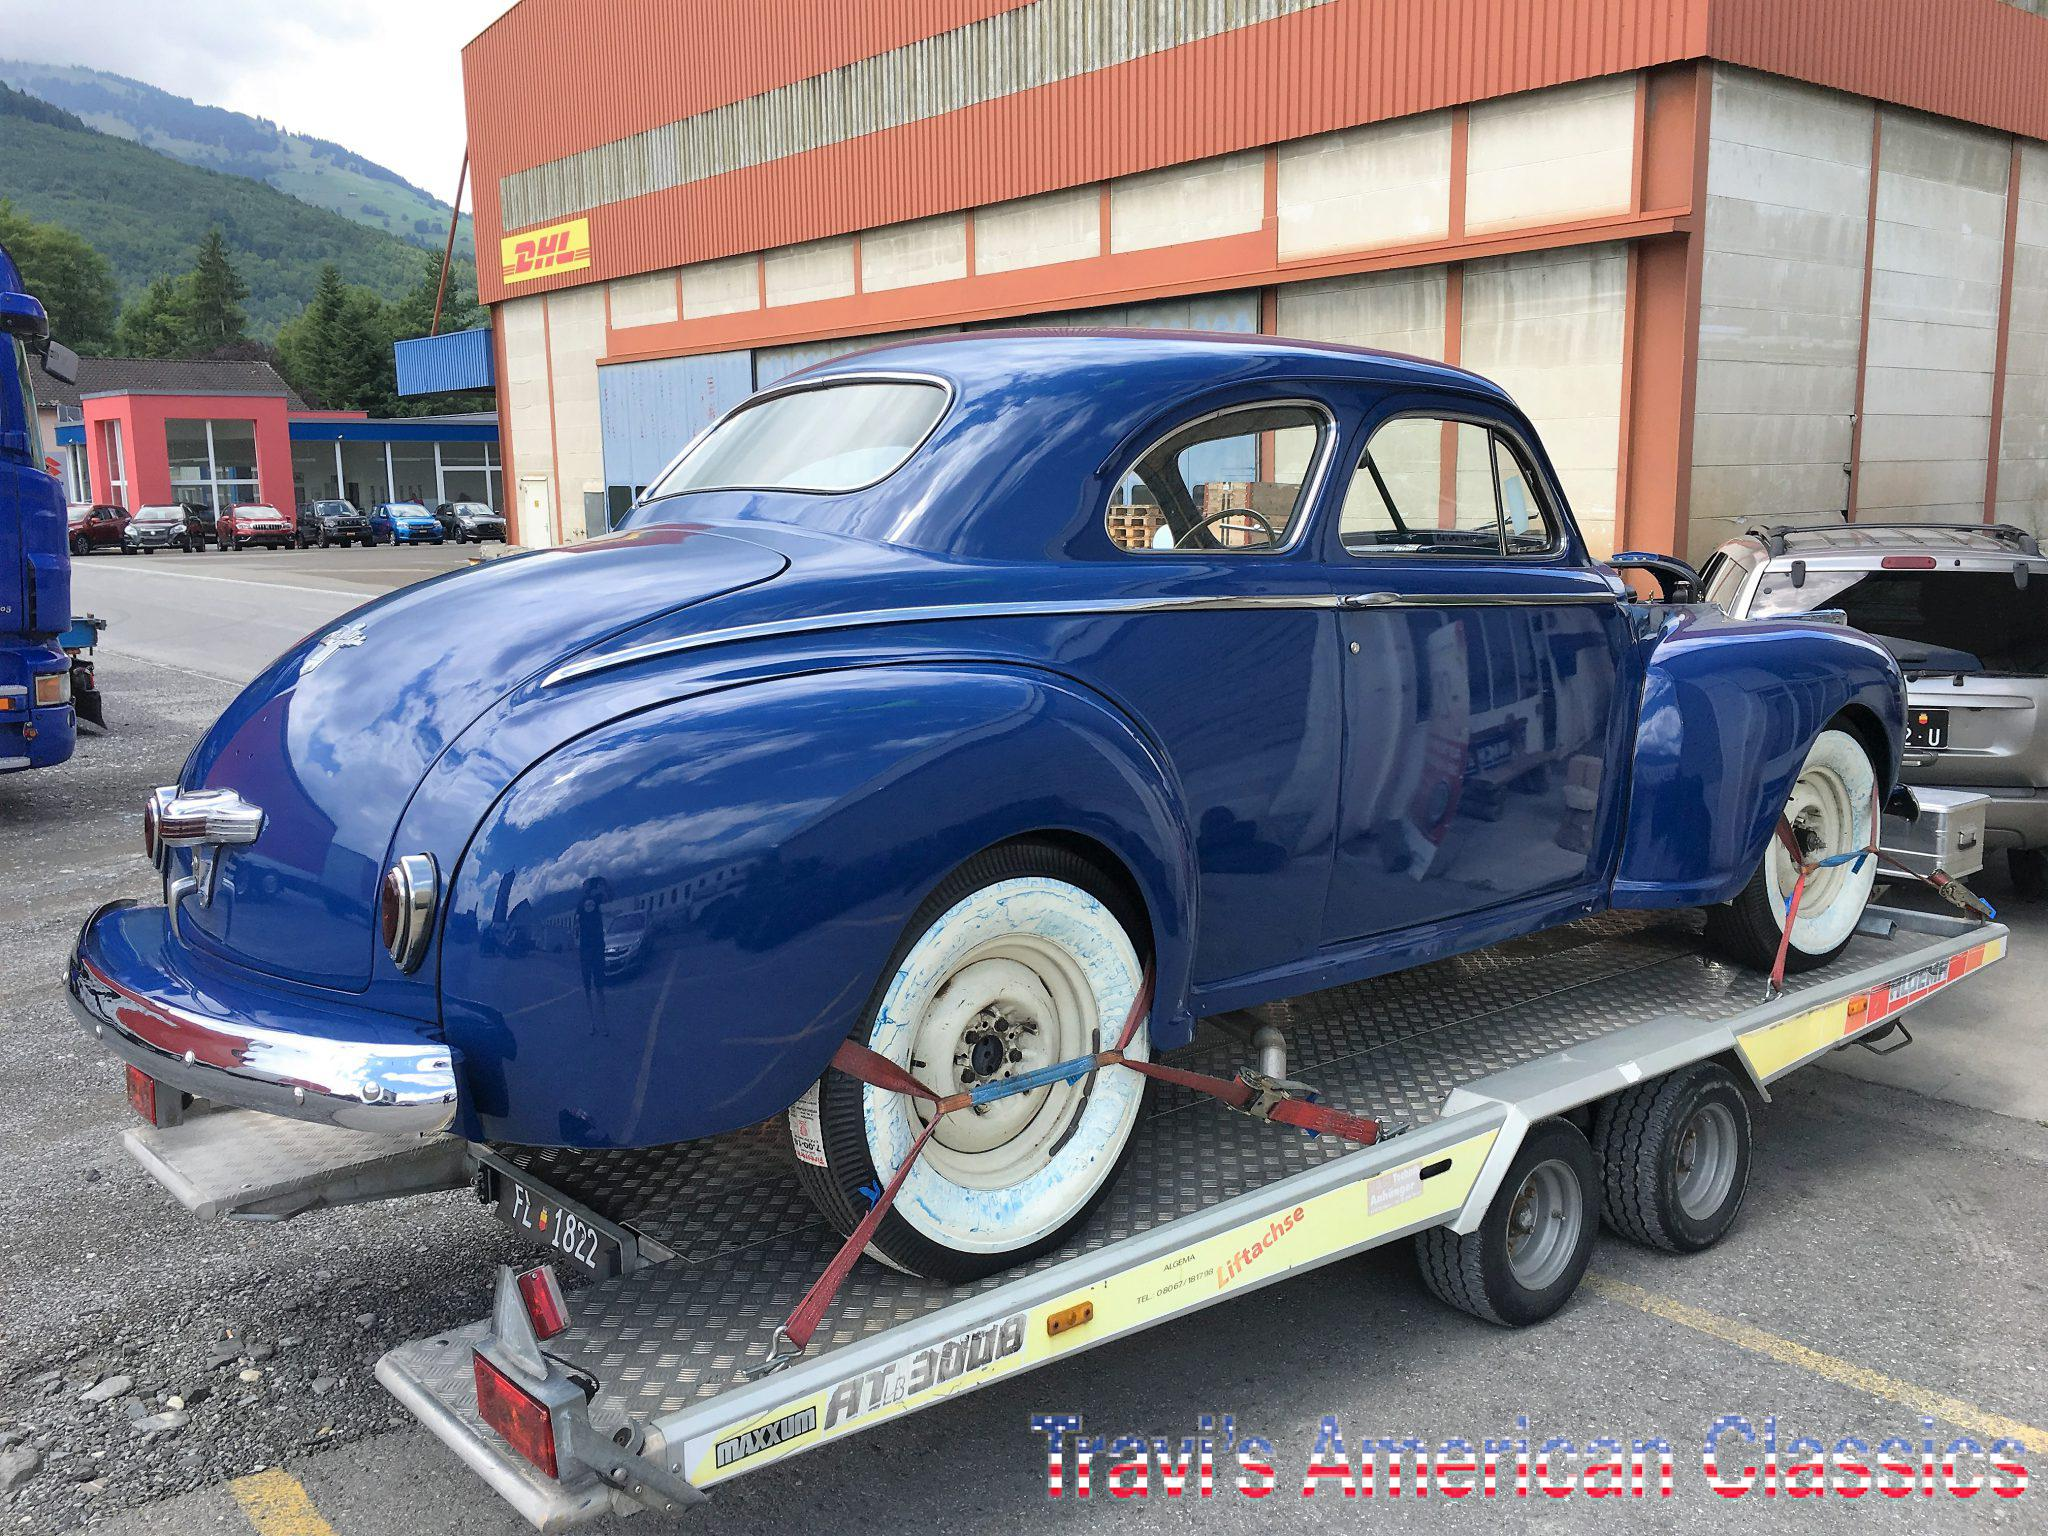 Chrysler '41